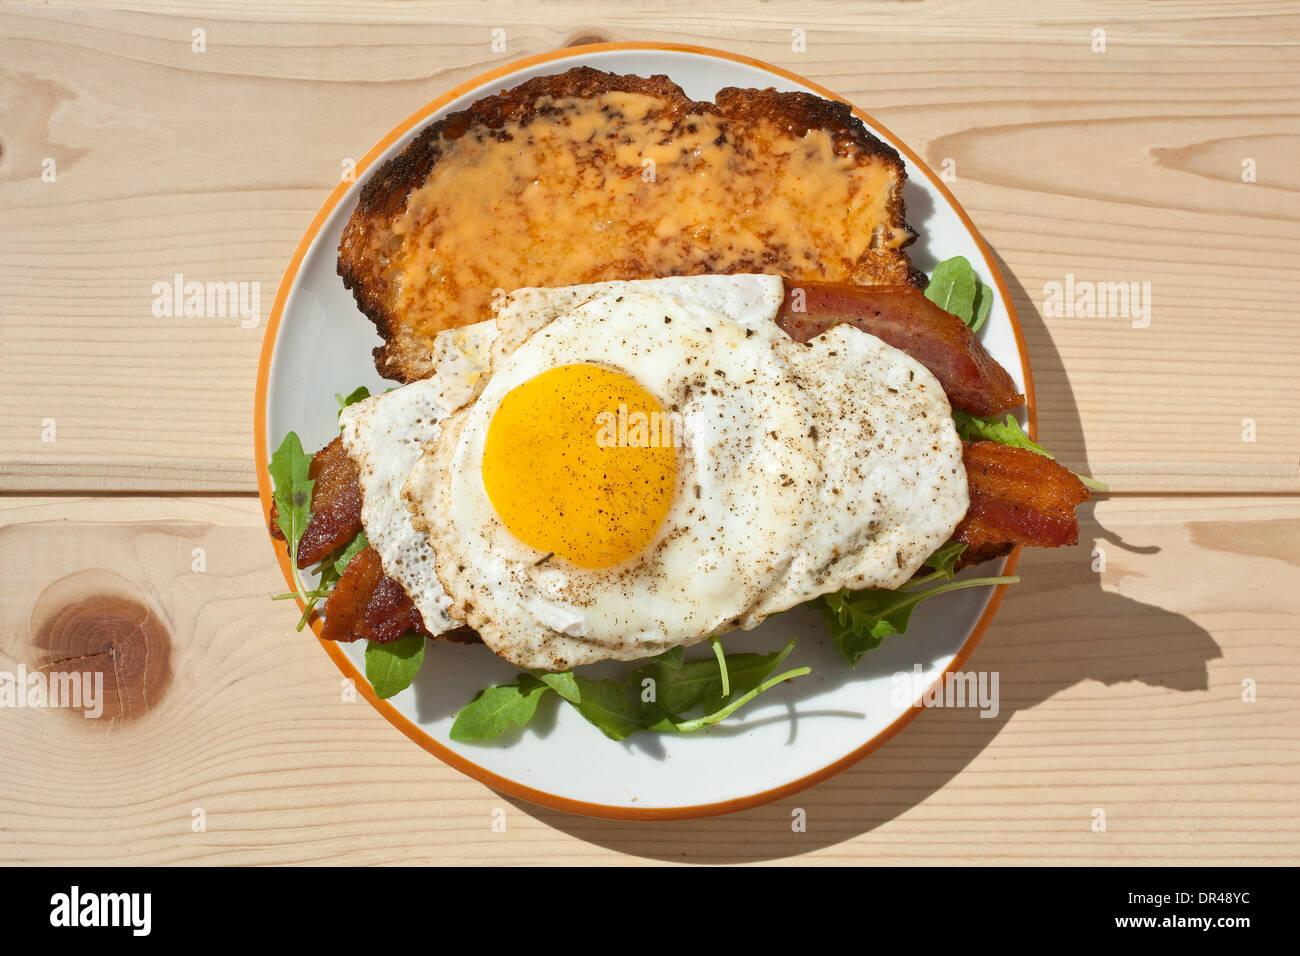 Egg breakfast sandwich Stock Photo